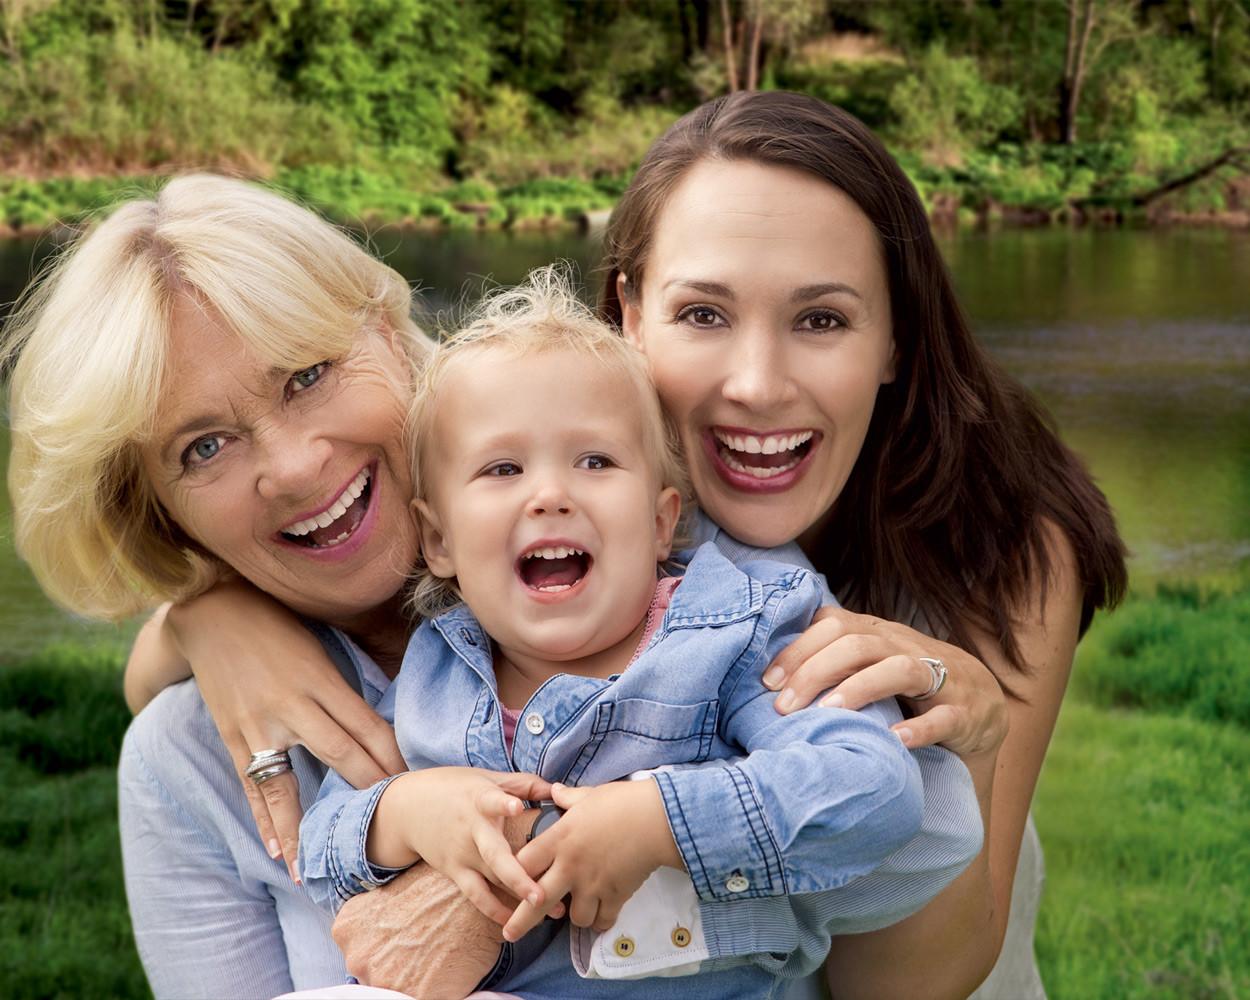 Мама и бабушка: строим здоровые отношения